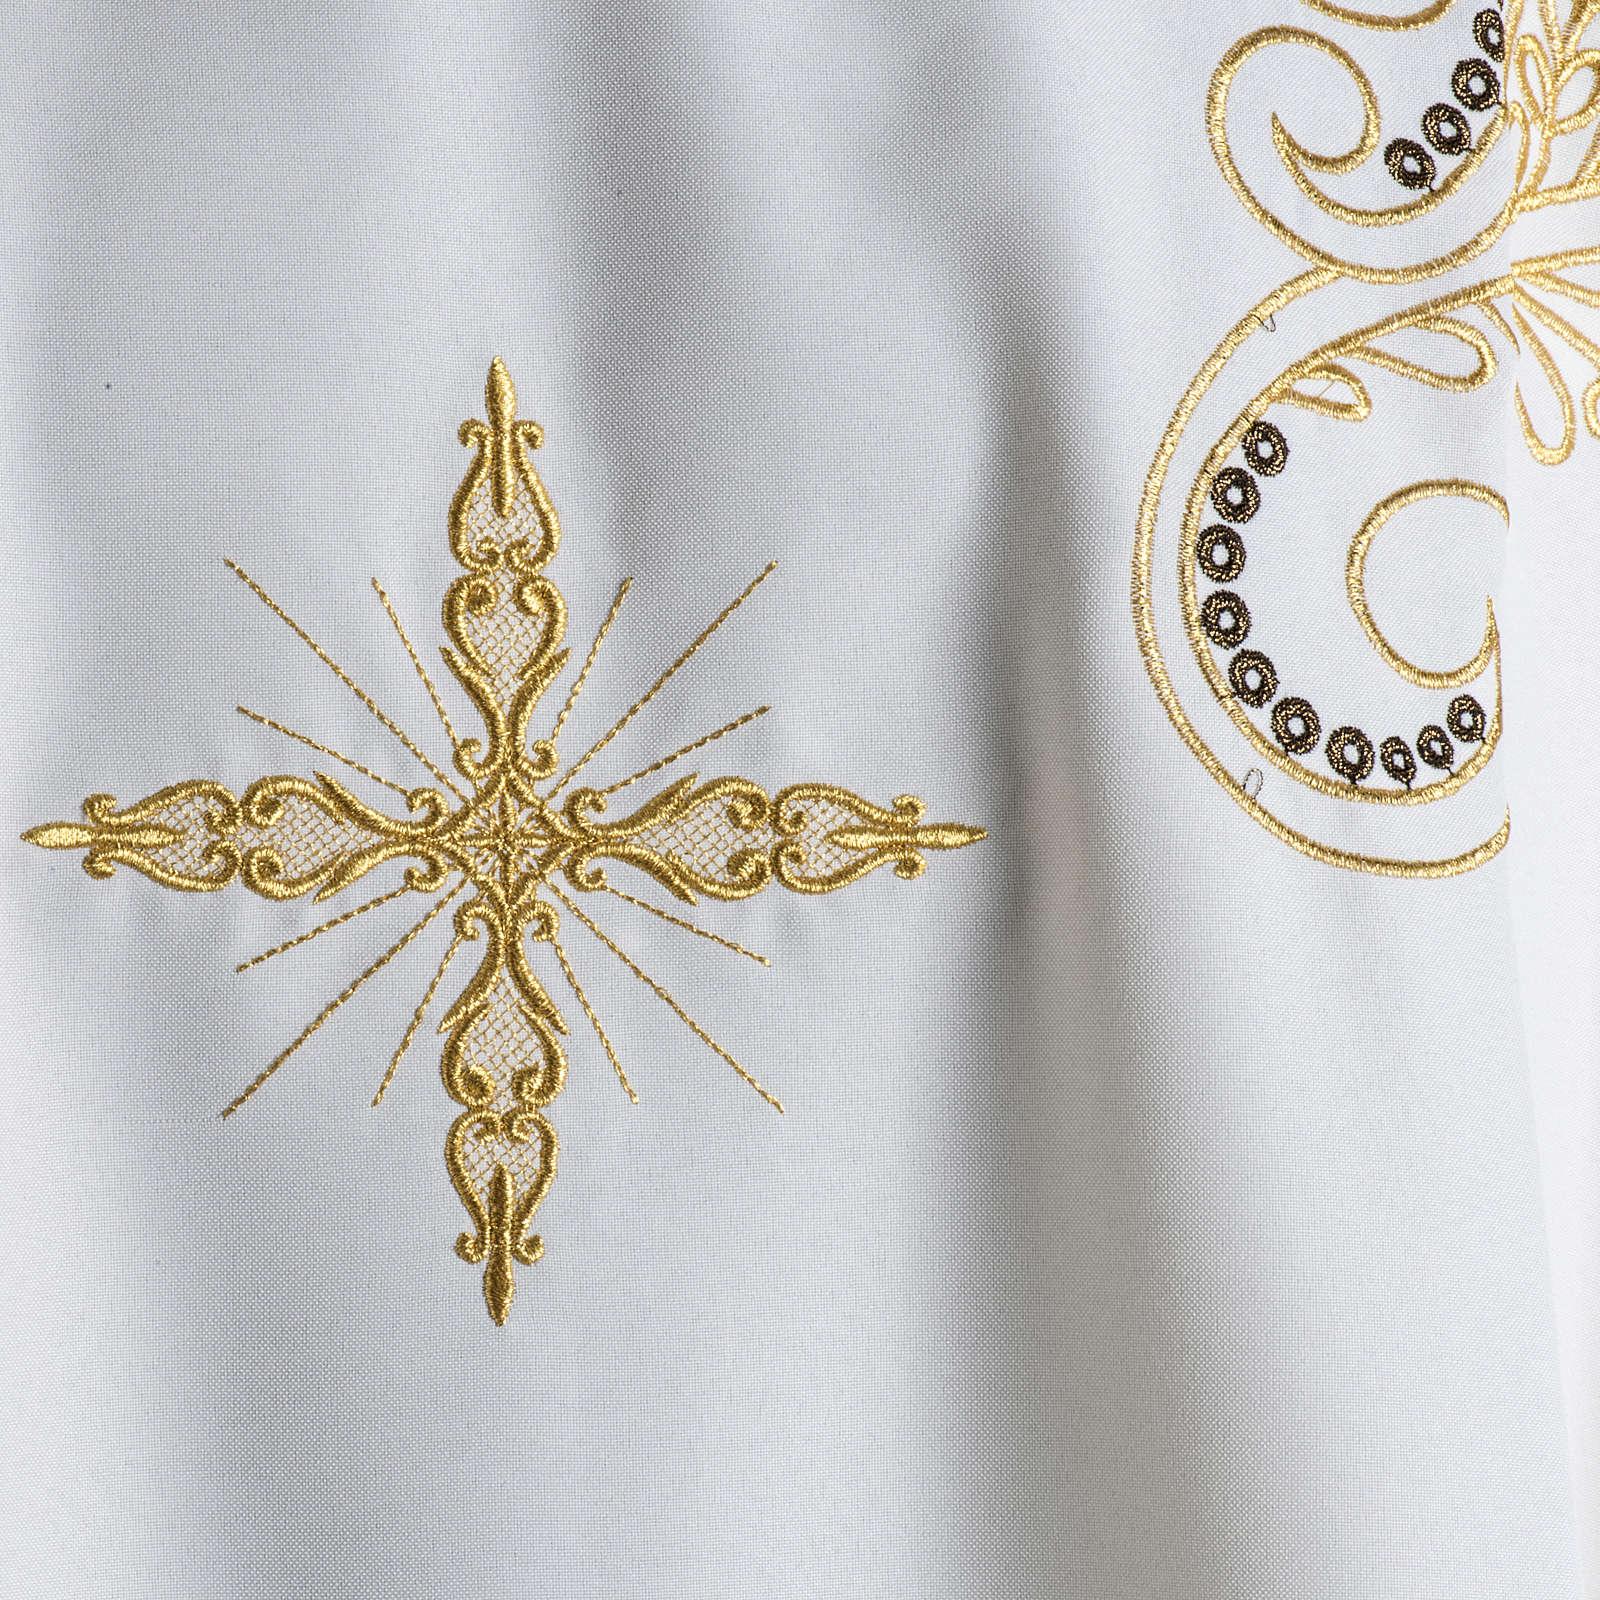 Casula litúrgica bordado dourado cruz 4